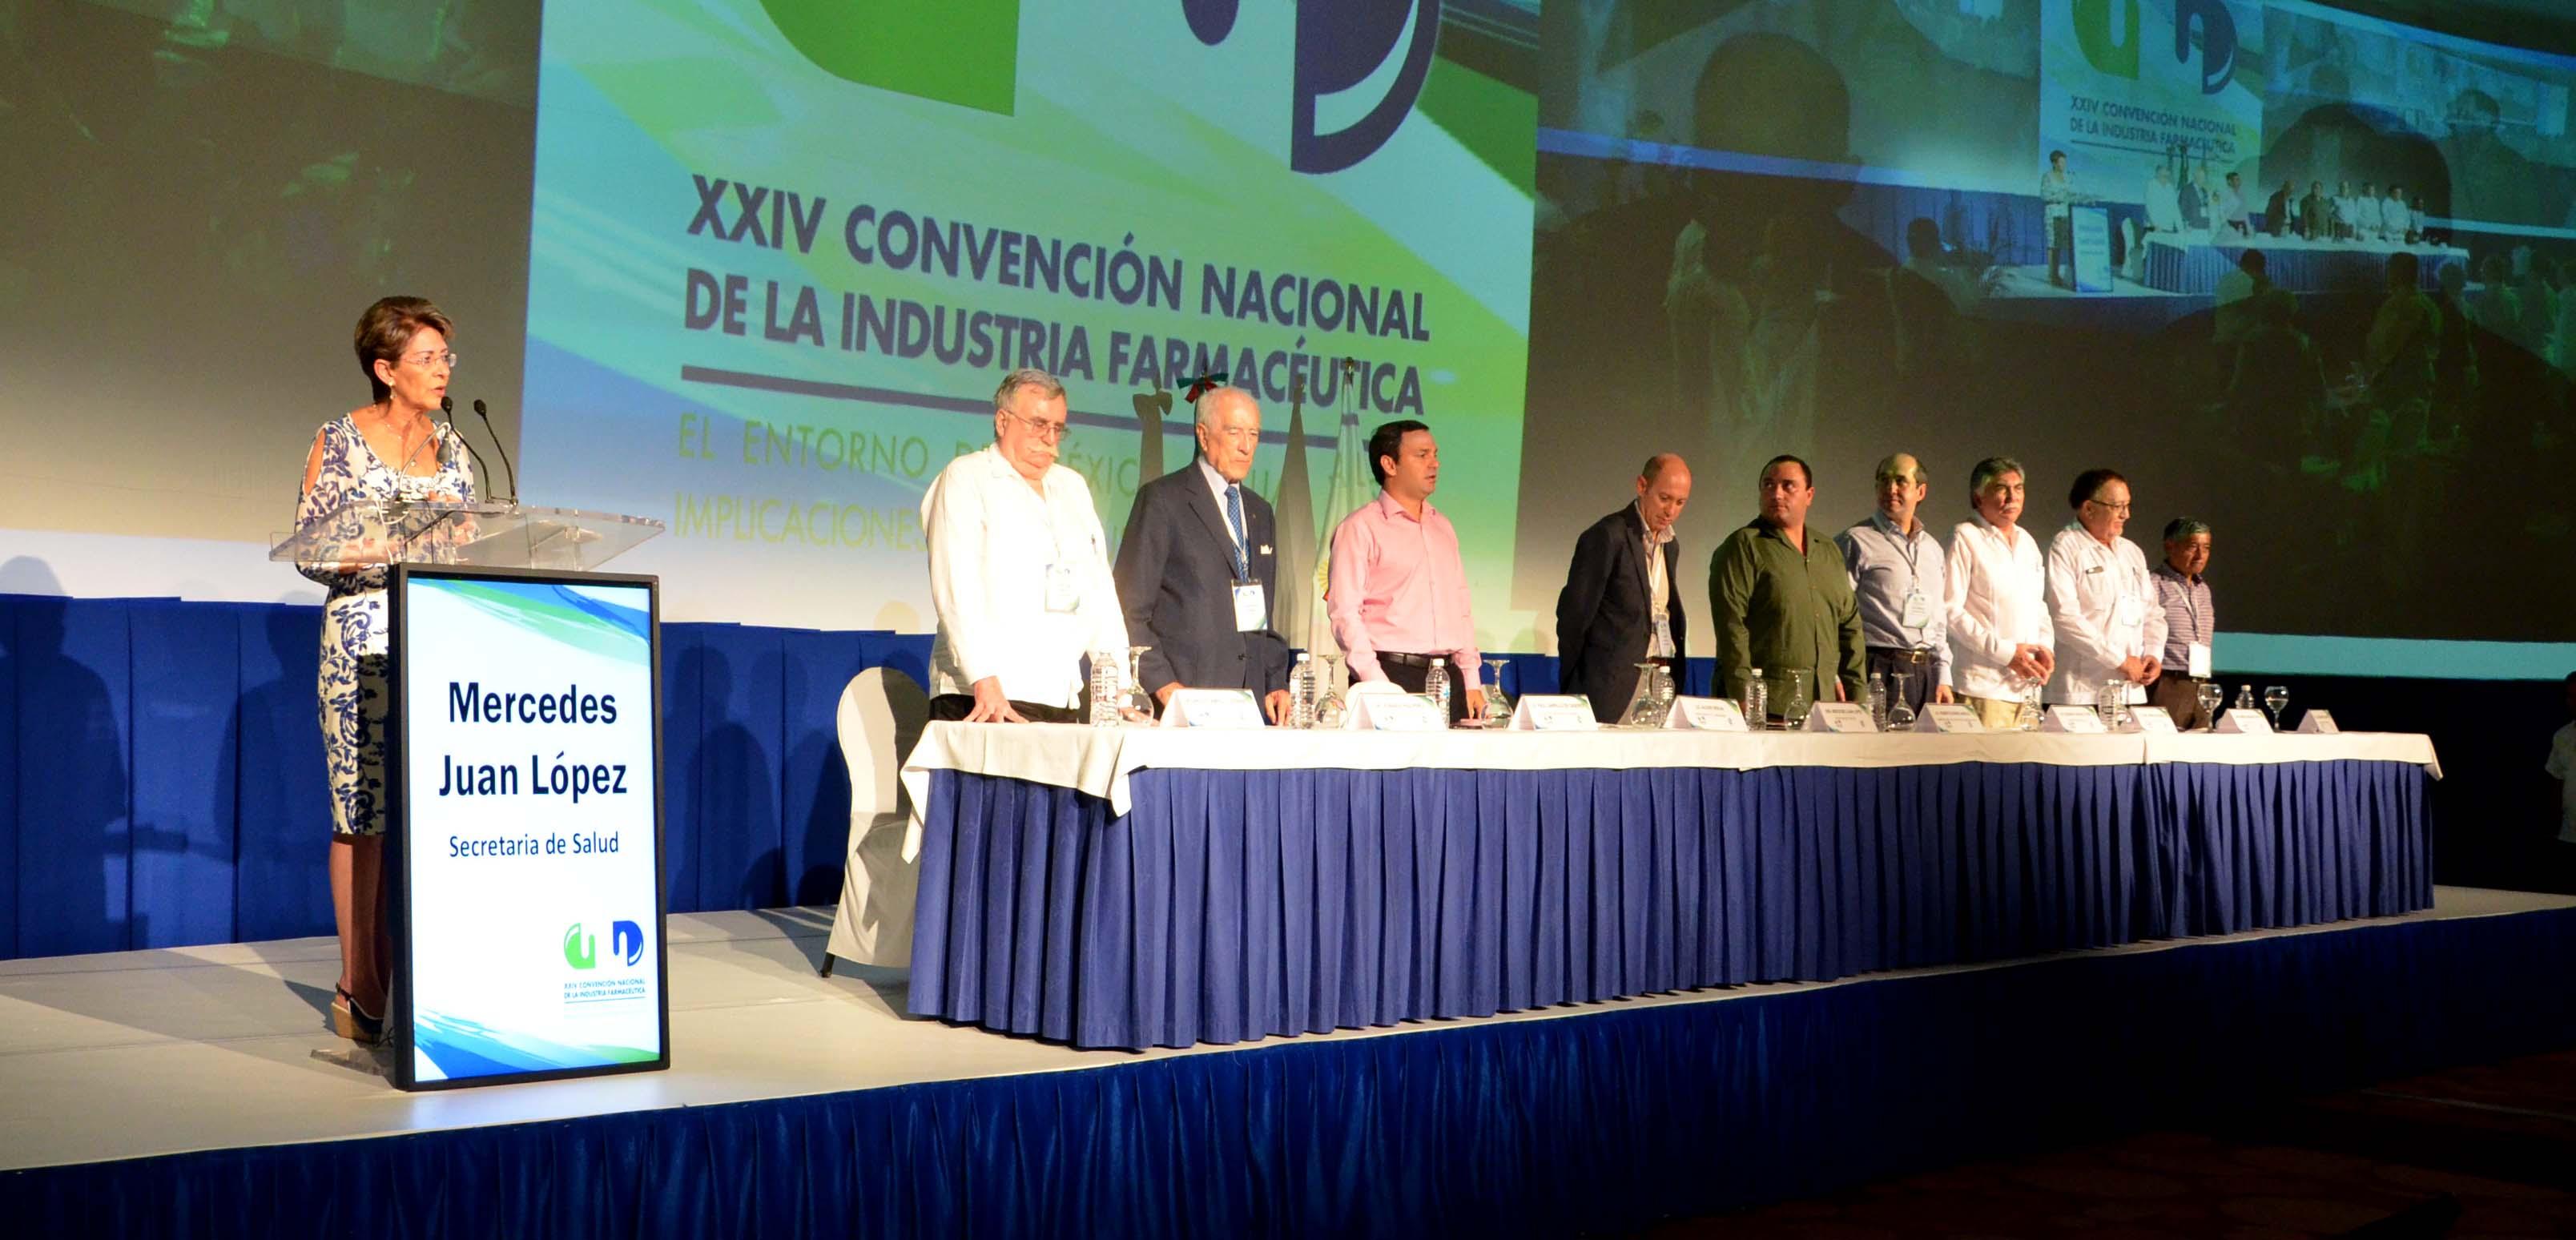 24 Convención de la Industria Farmacéutica